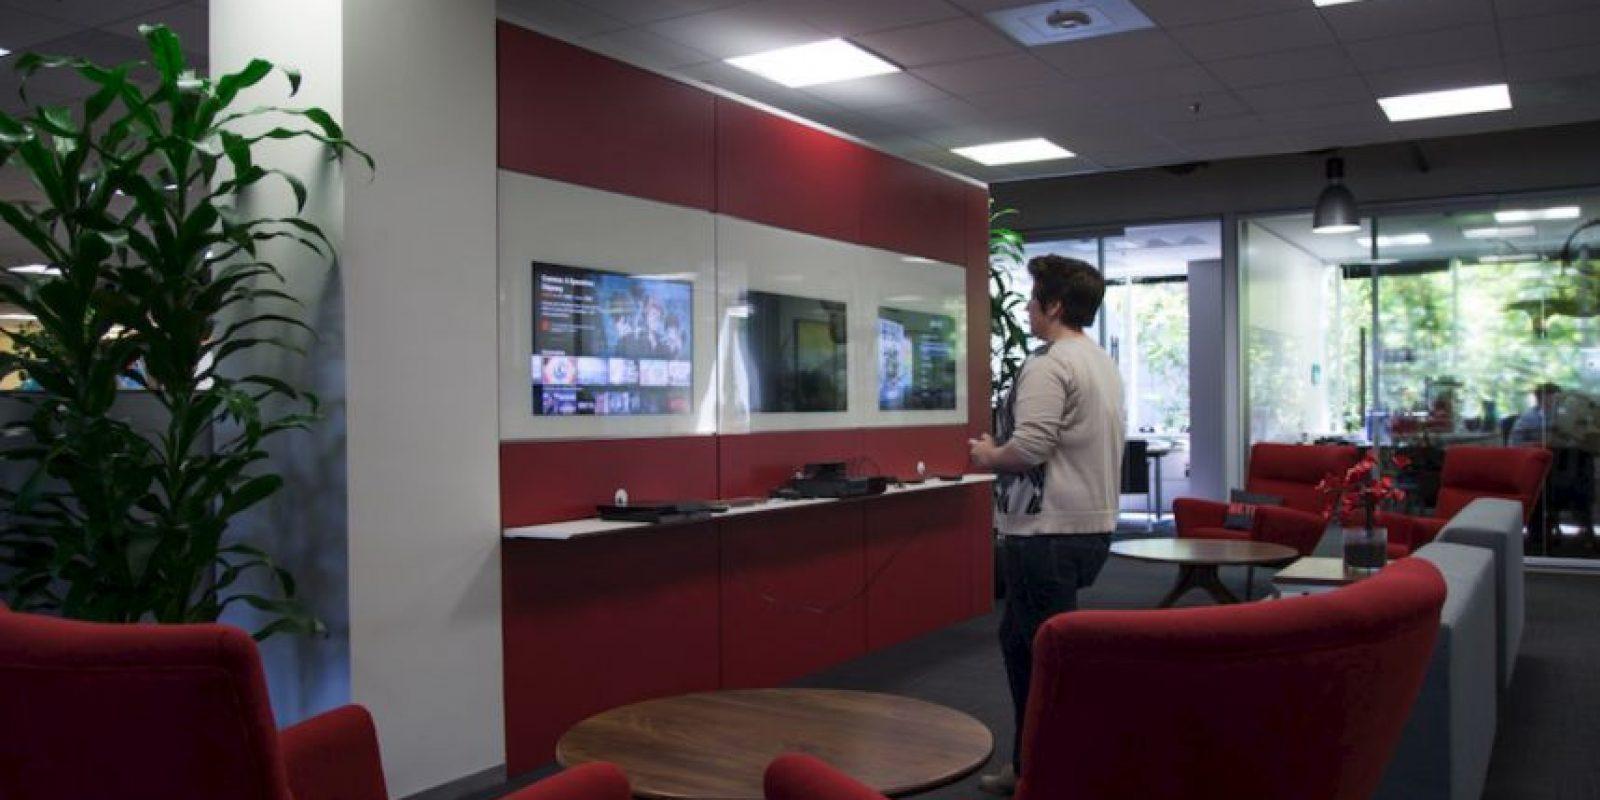 8- Increíblemente, los empleados de Netflix pueden tomarse los días libres que quieran, mientras no afecten sus labores Foto:Netflix